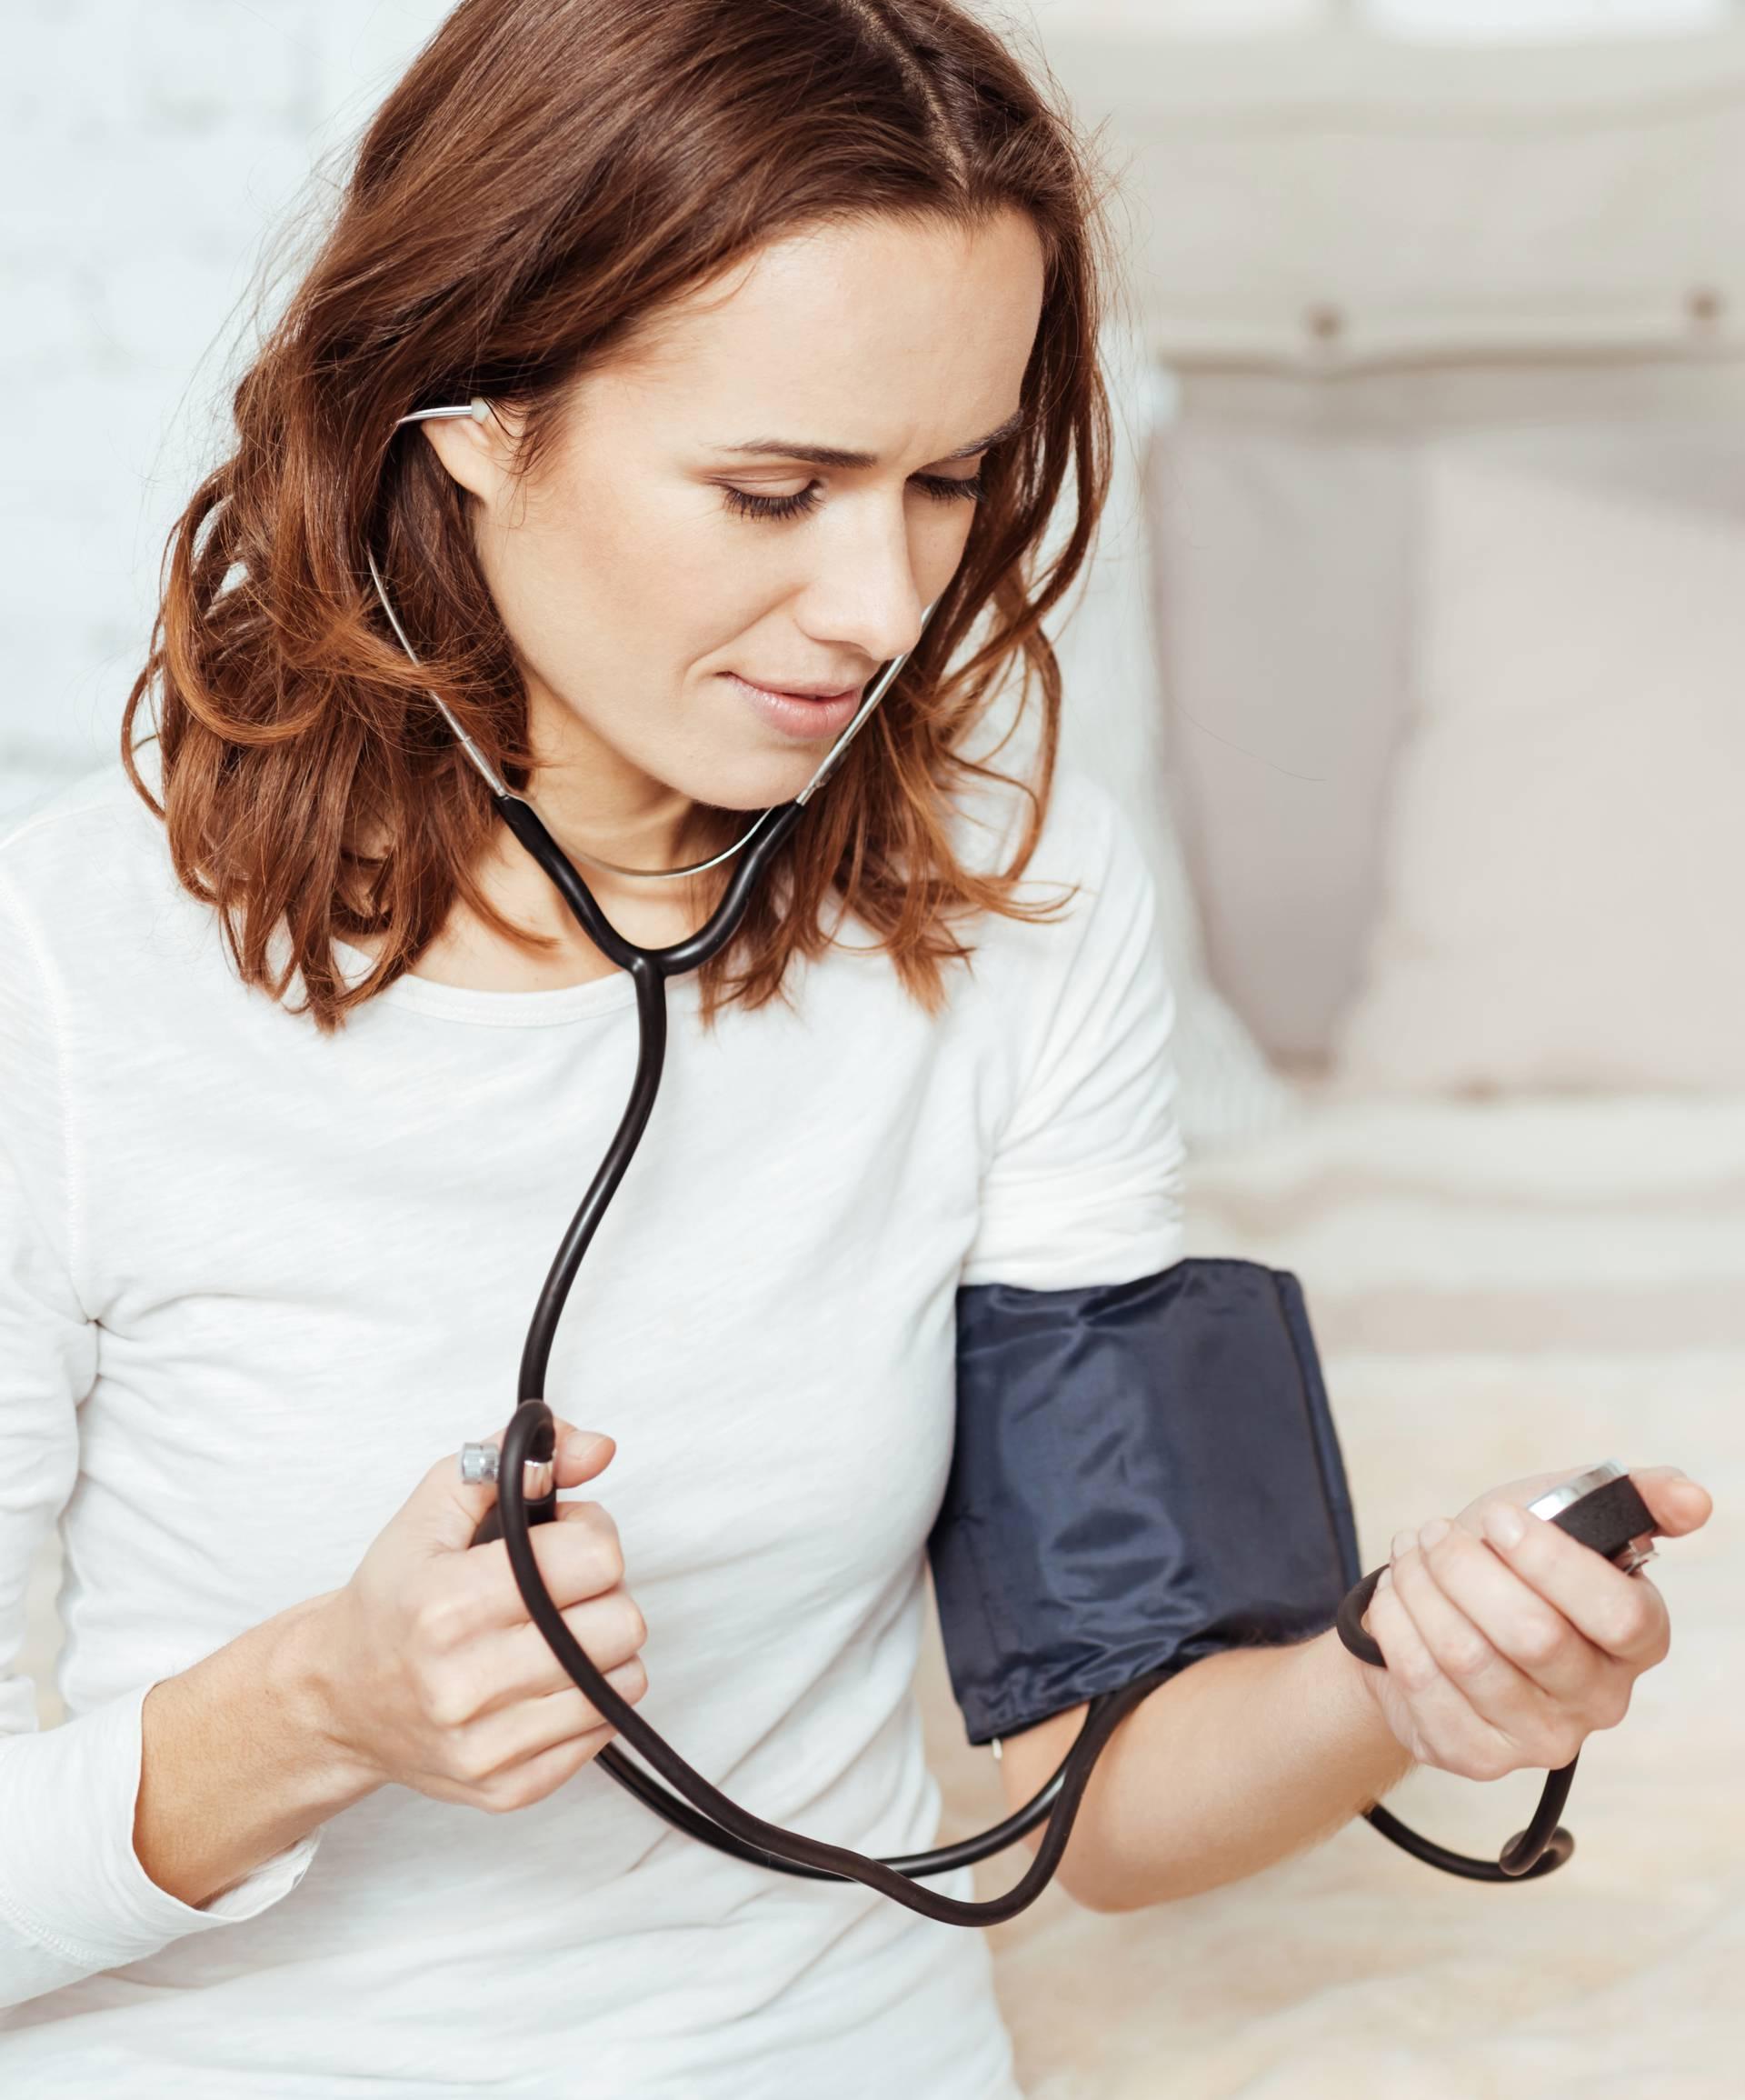 Visoki krvni tlak: Zovu ga tihi ubojica, a simptomi su rijetki